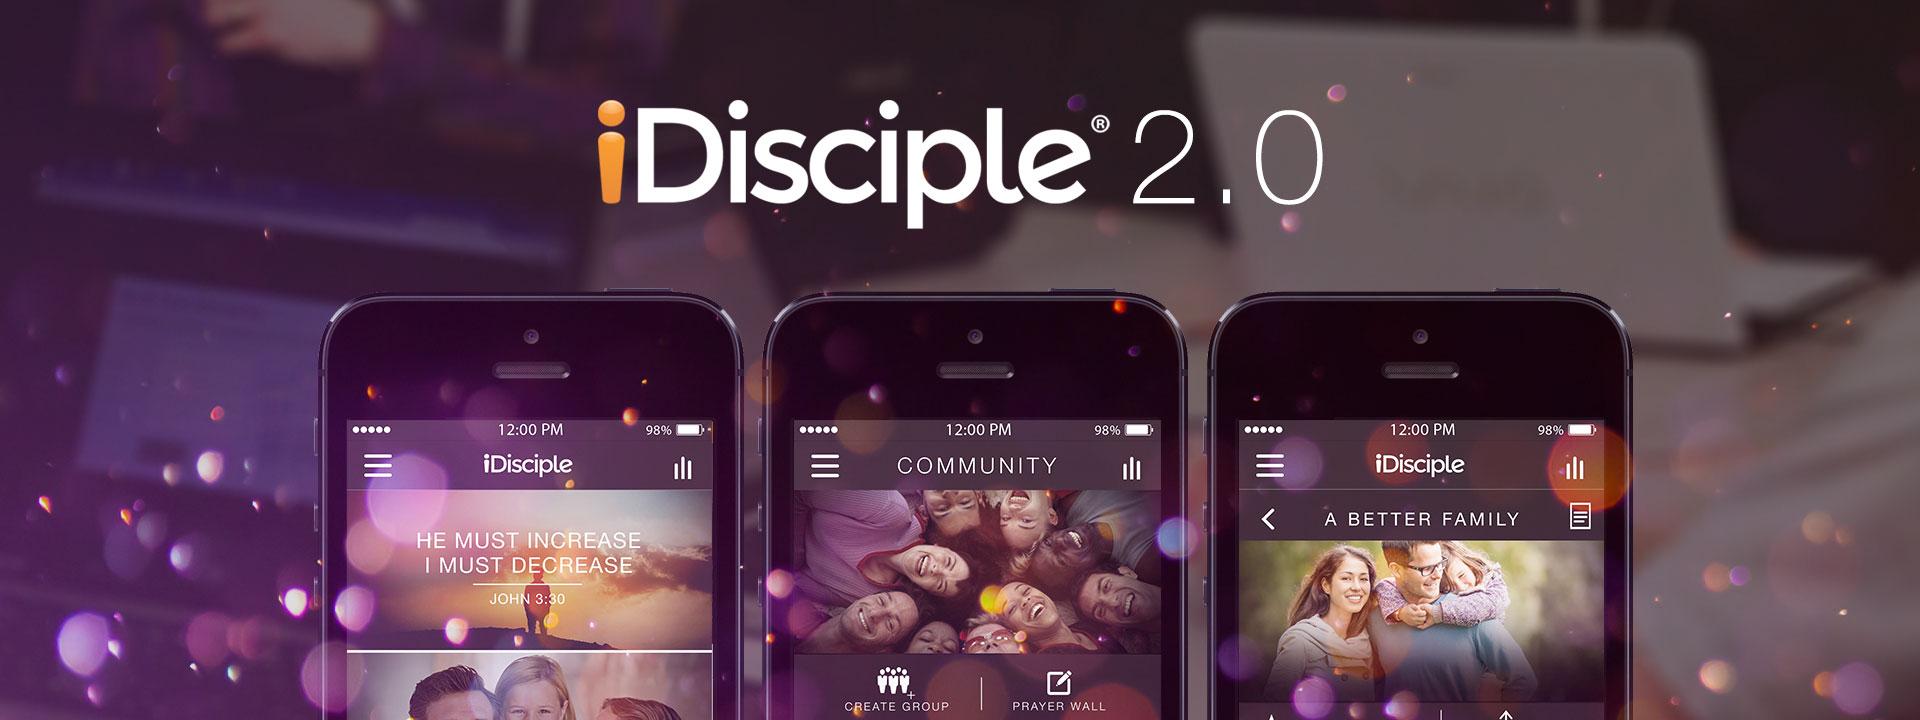 iDisciple v2.0